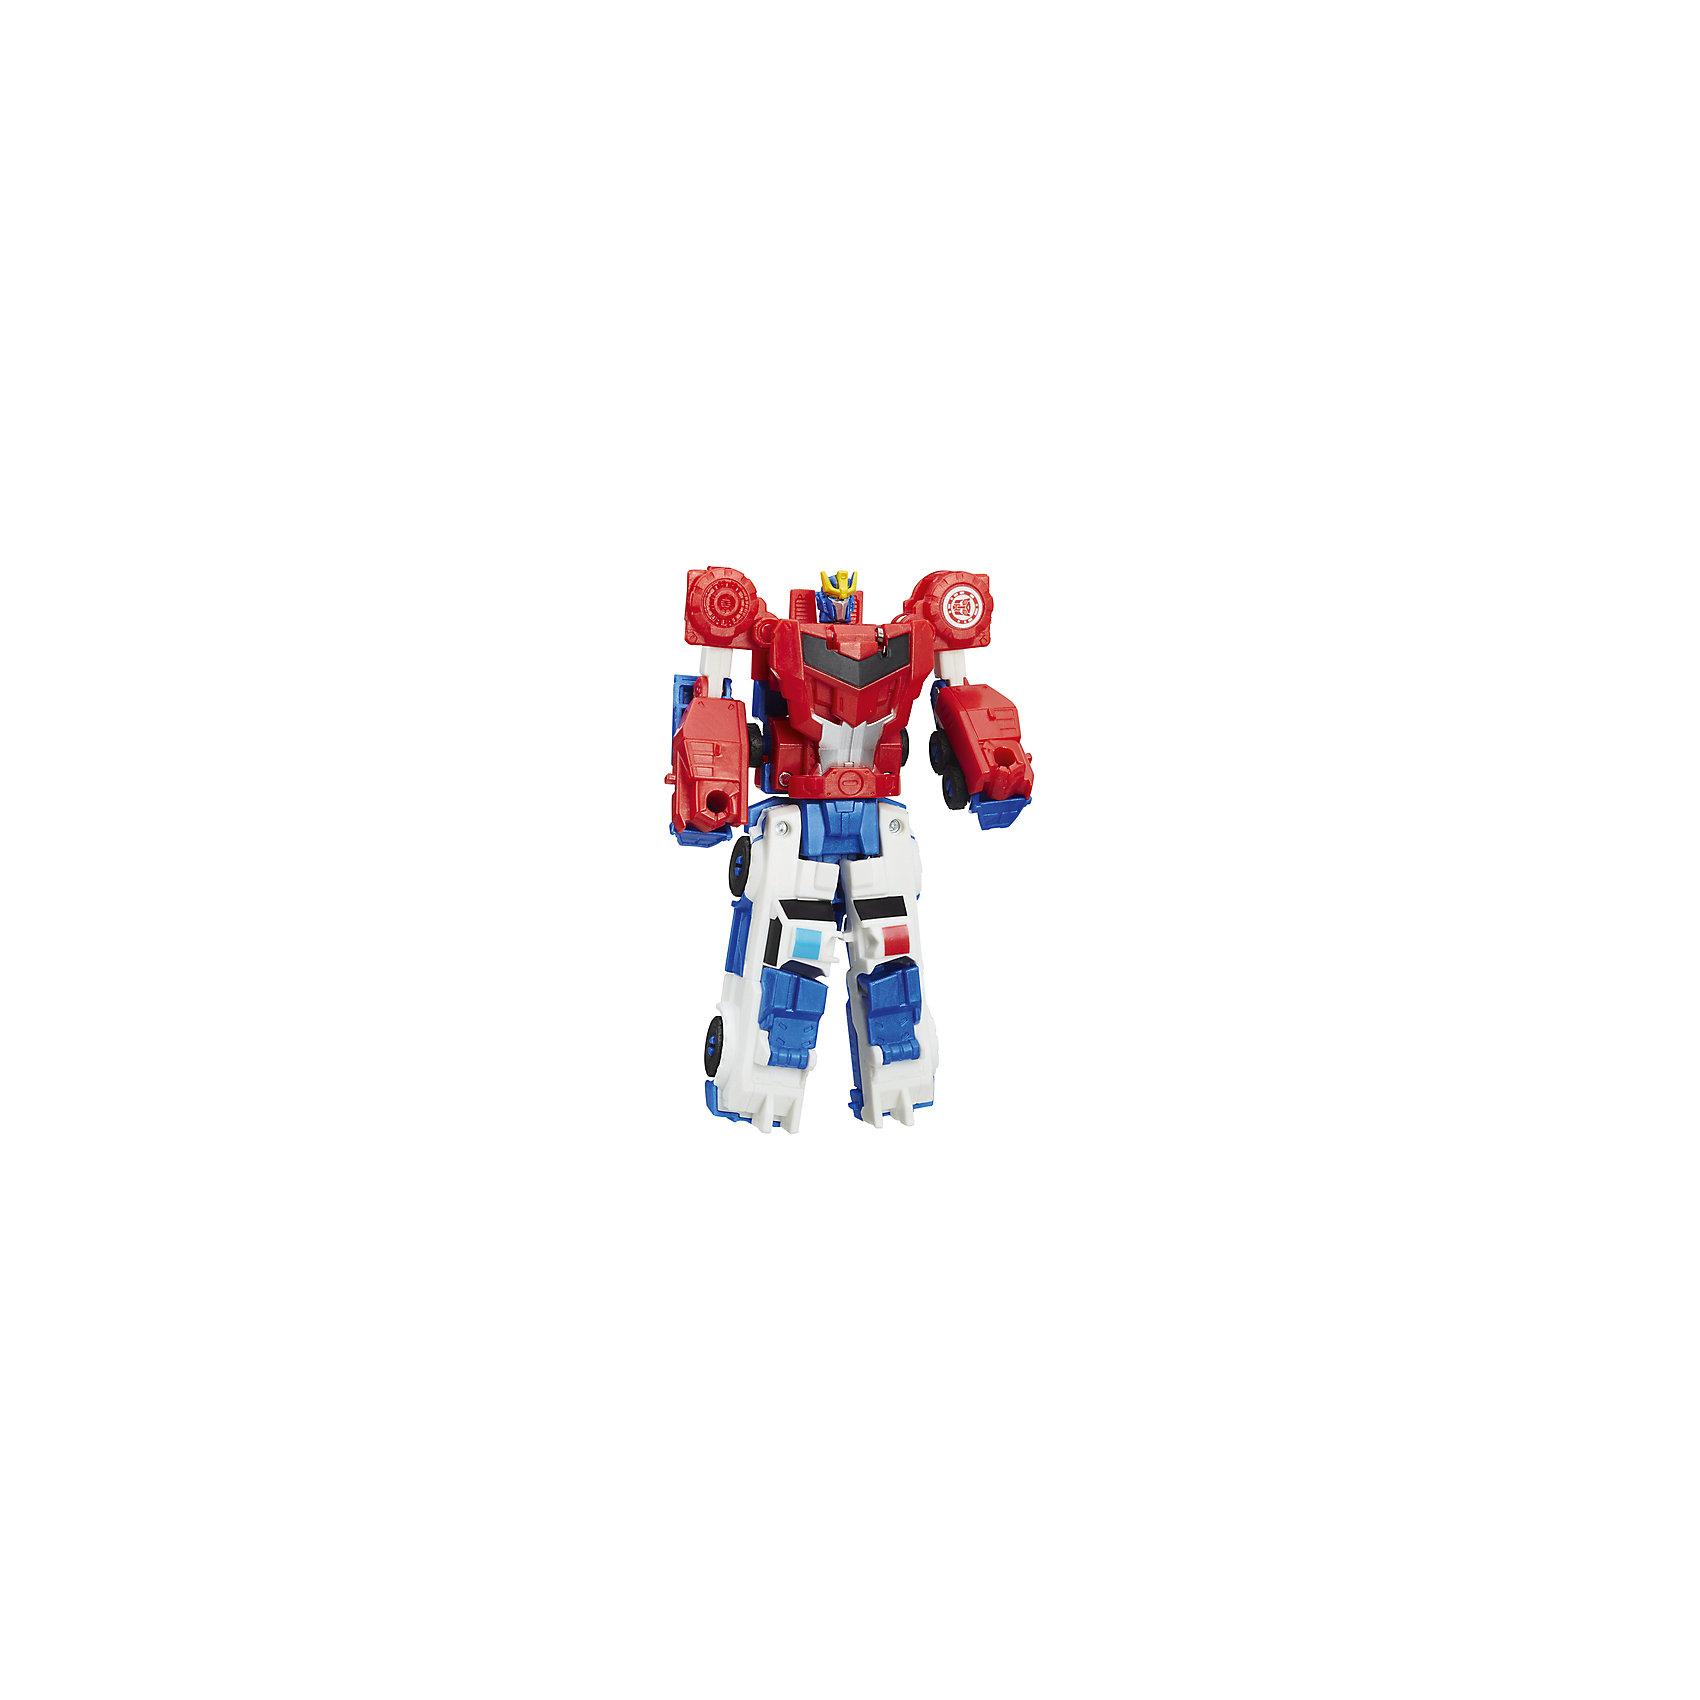 Трансформеры Hasbro Transformers Роботы под прикрытием. Крэш-Комбайнер, Стронгарм-Оптимус ПраймТрансформеры-игрушки<br><br><br>Ширина мм: 38<br>Глубина мм: 216<br>Высота мм: 171<br>Вес г: 120<br>Возраст от месяцев: 72<br>Возраст до месяцев: 2147483647<br>Пол: Мужской<br>Возраст: Детский<br>SKU: 7140842